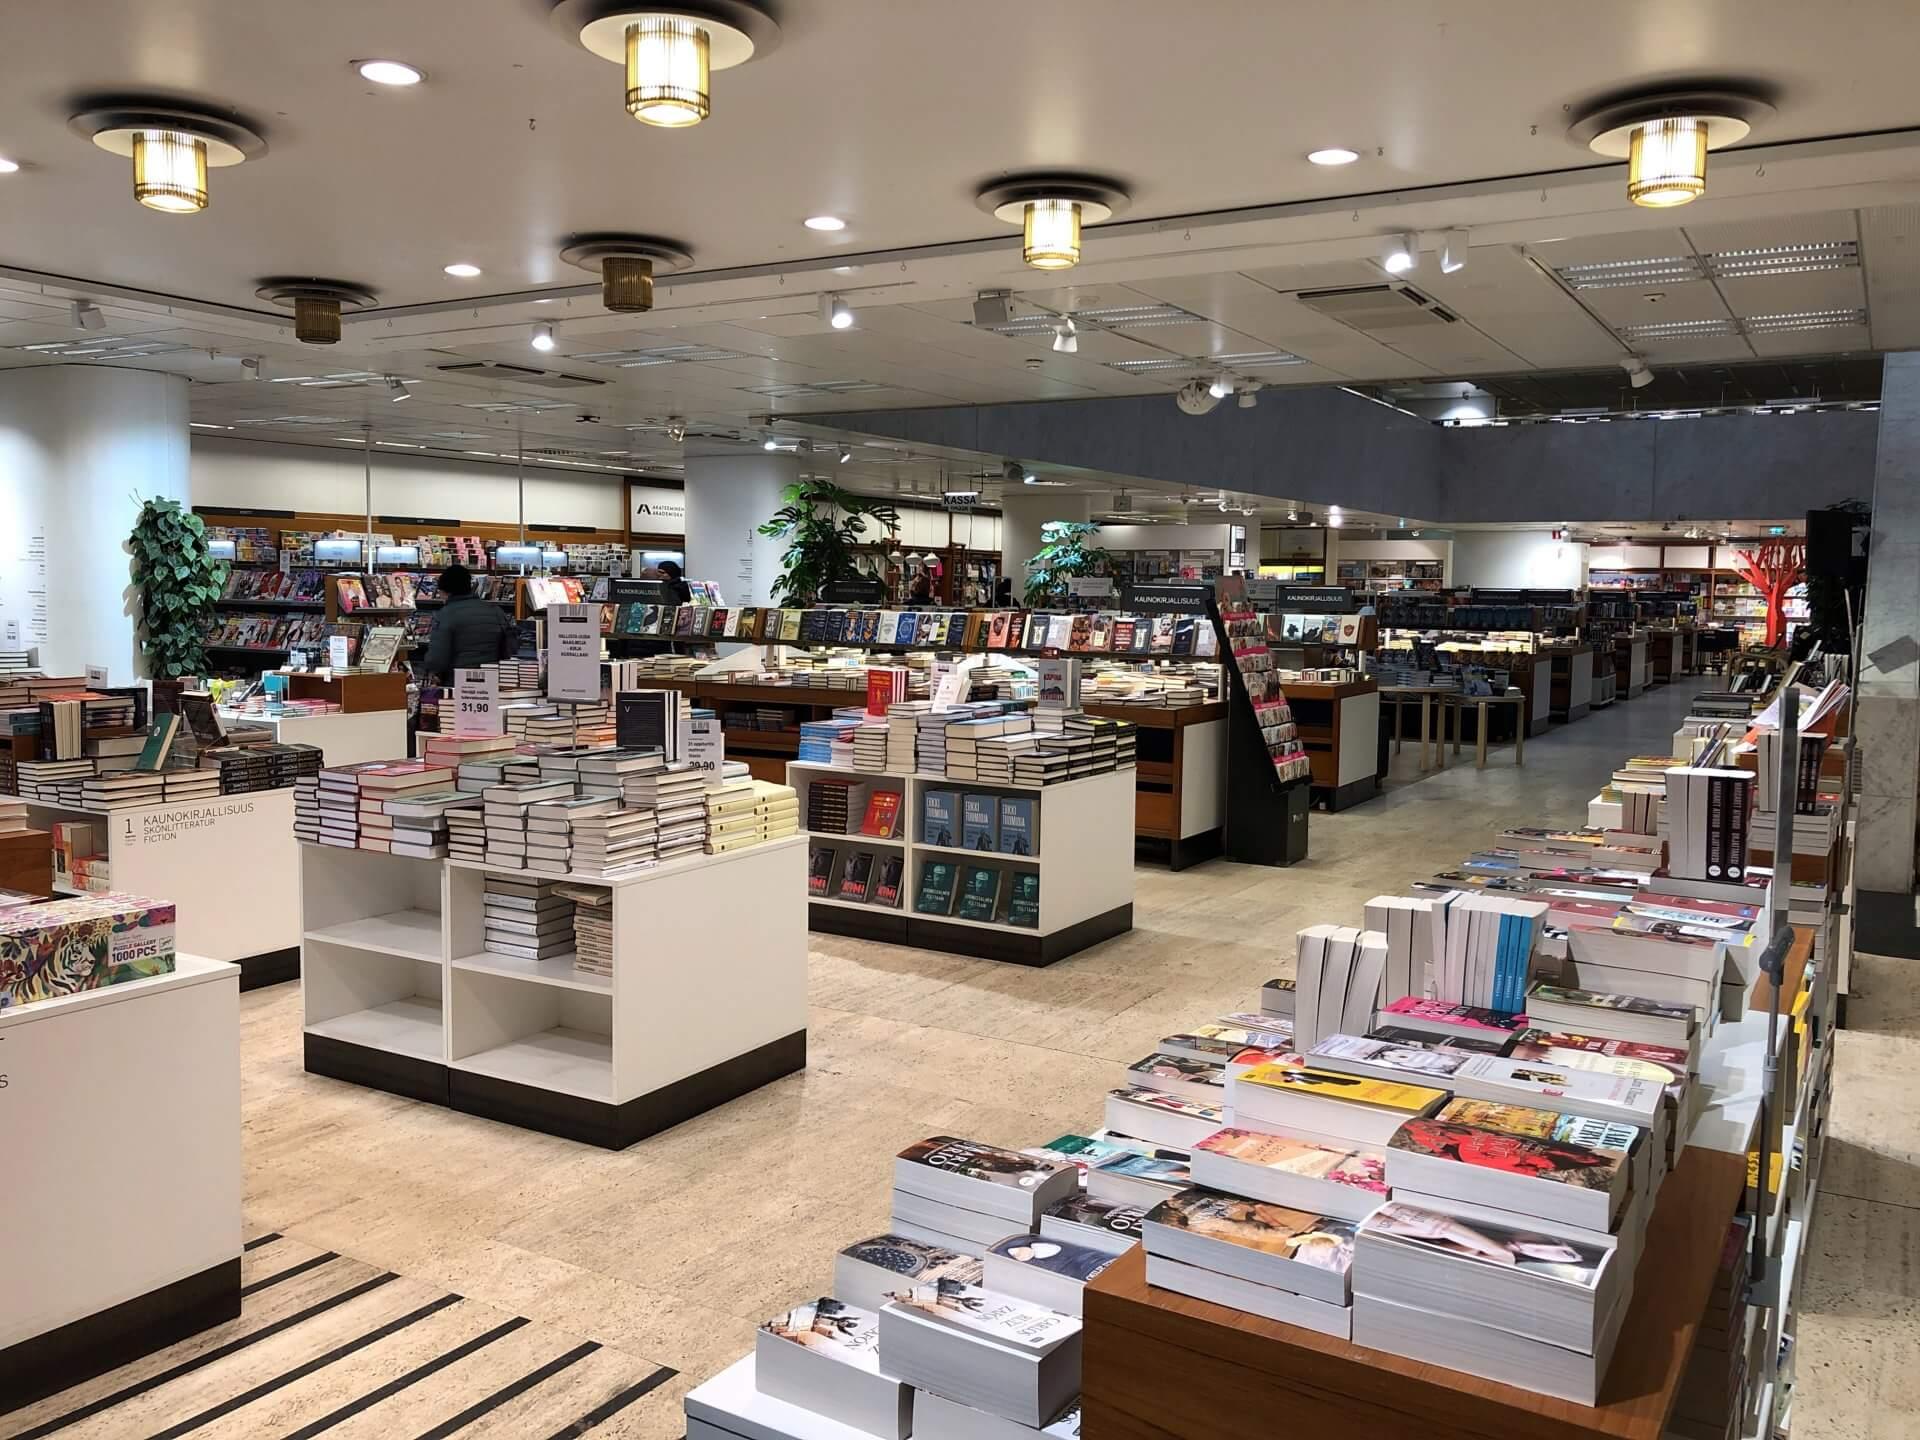 アカデミア書店1階入り口付近